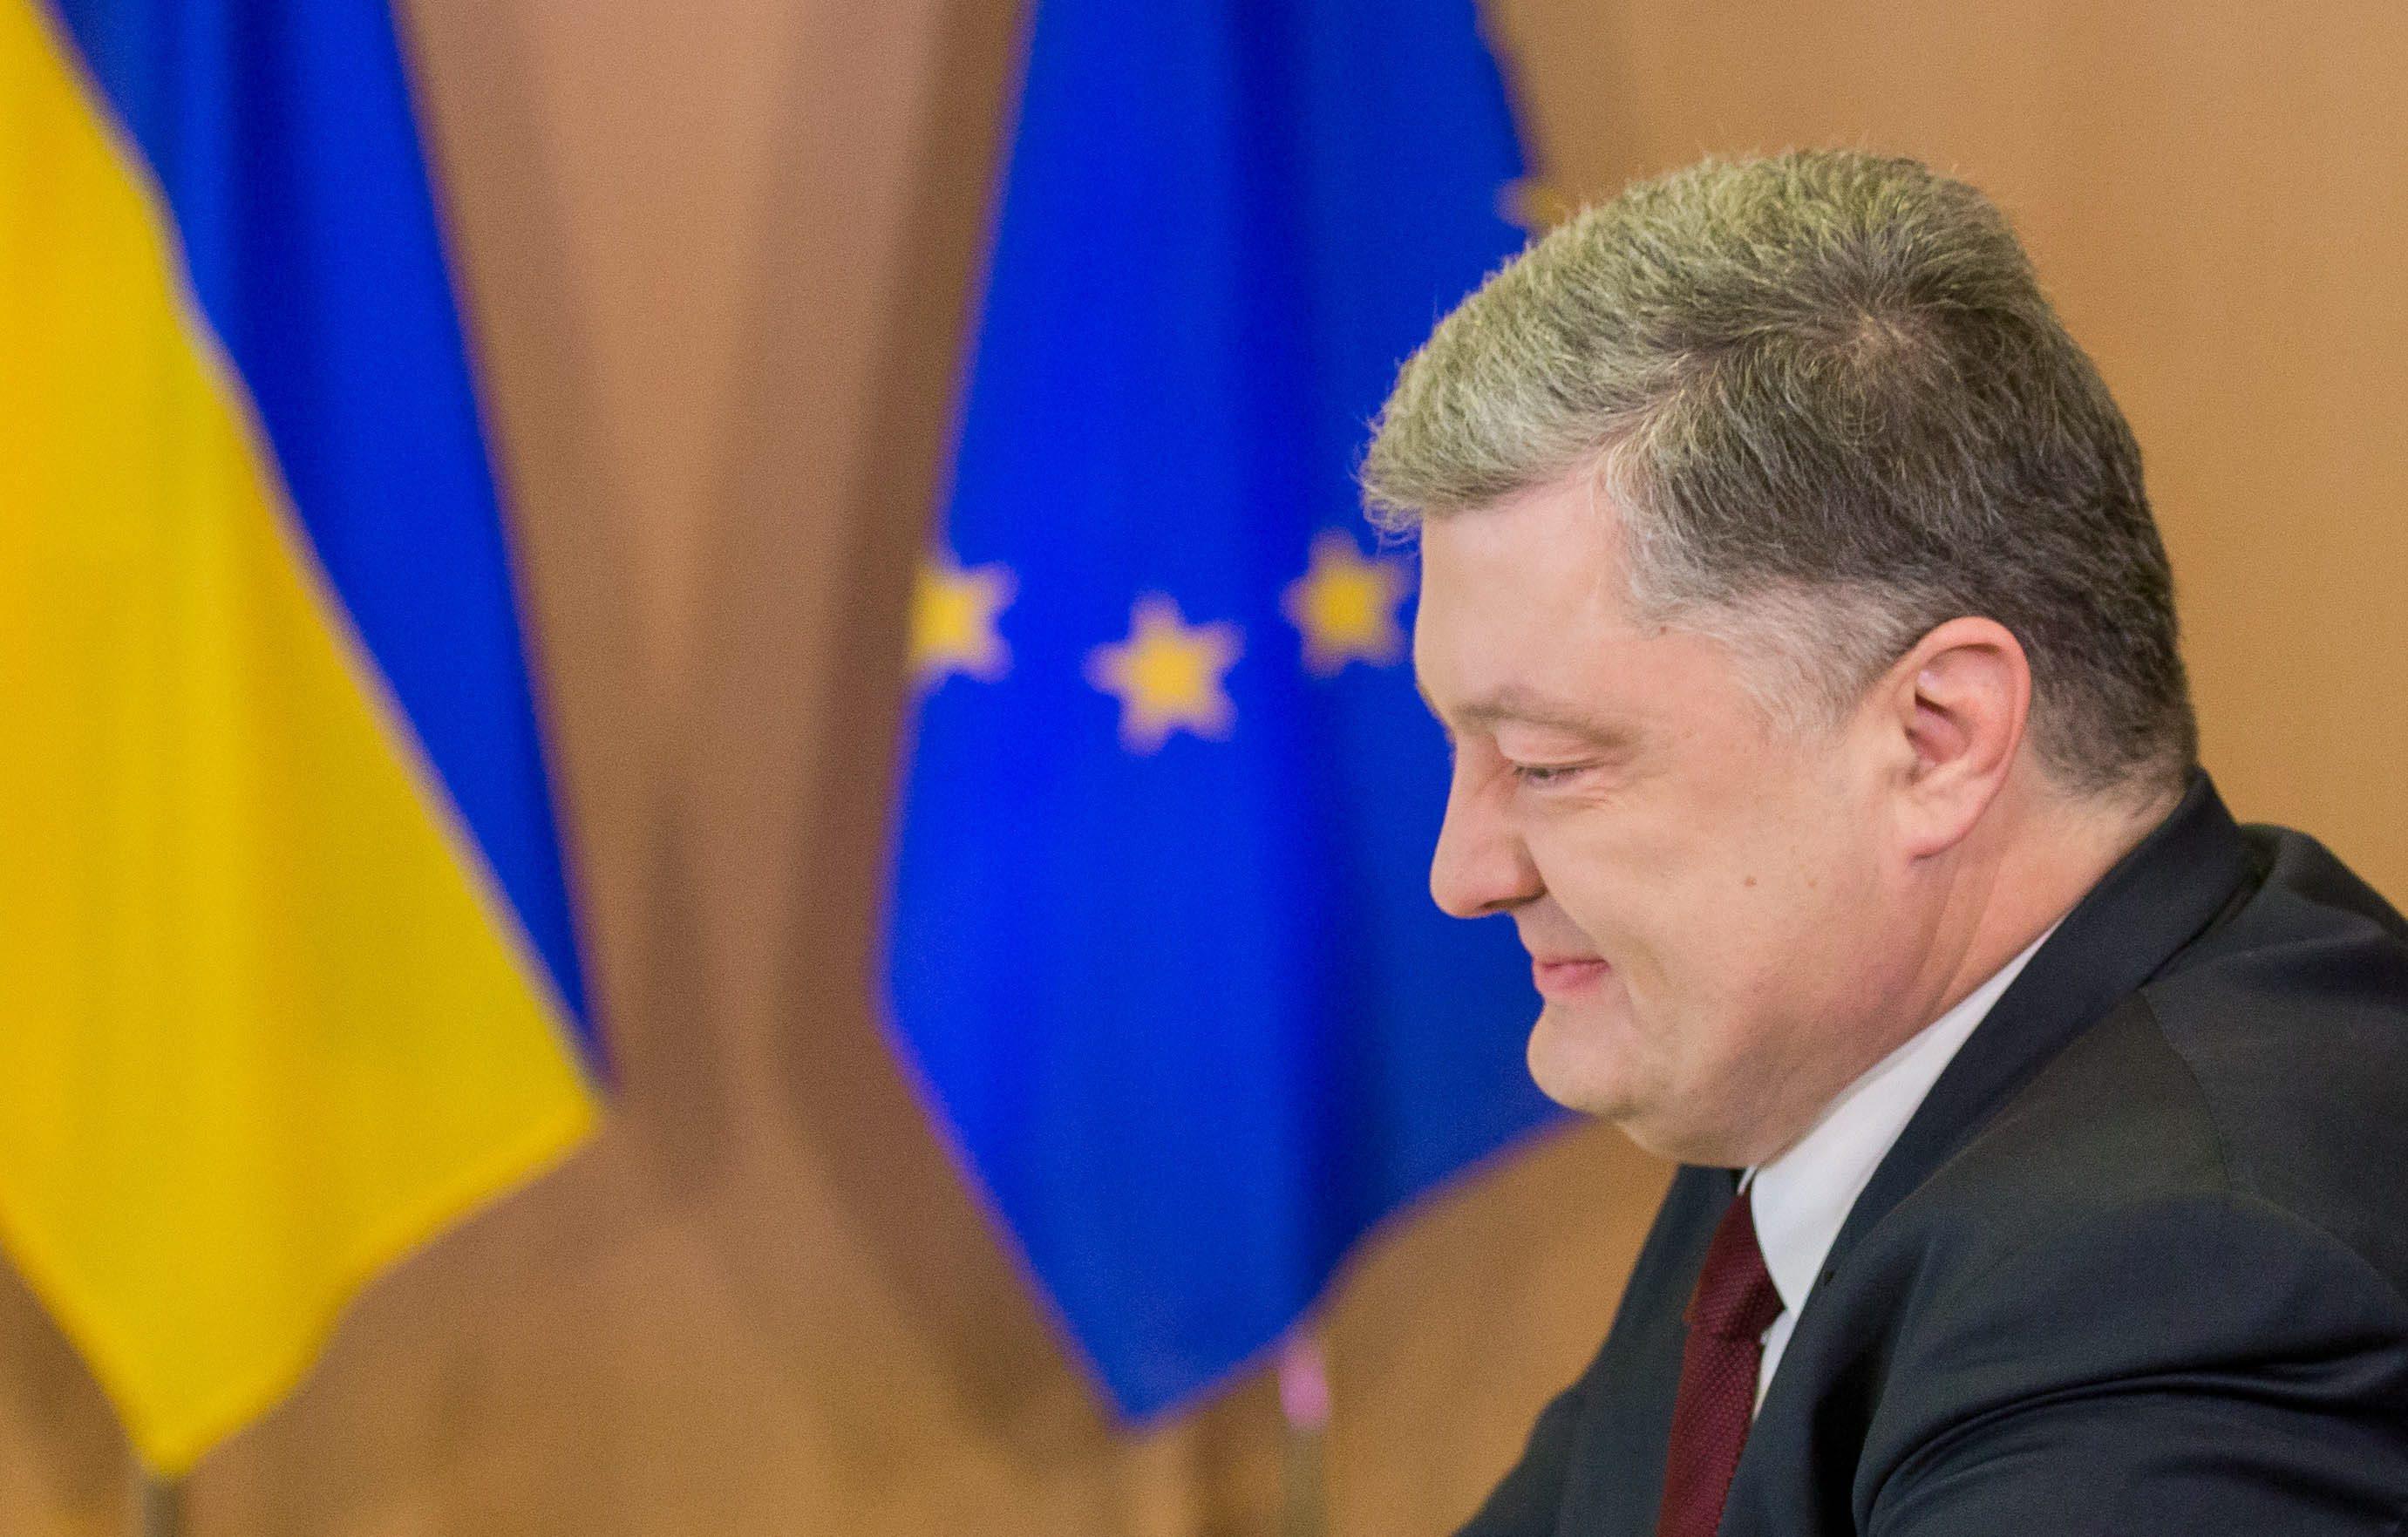 Ευρωπαϊκός συμβιβασμός για άρση βίζα σε Ουκρανία και Γεωργία